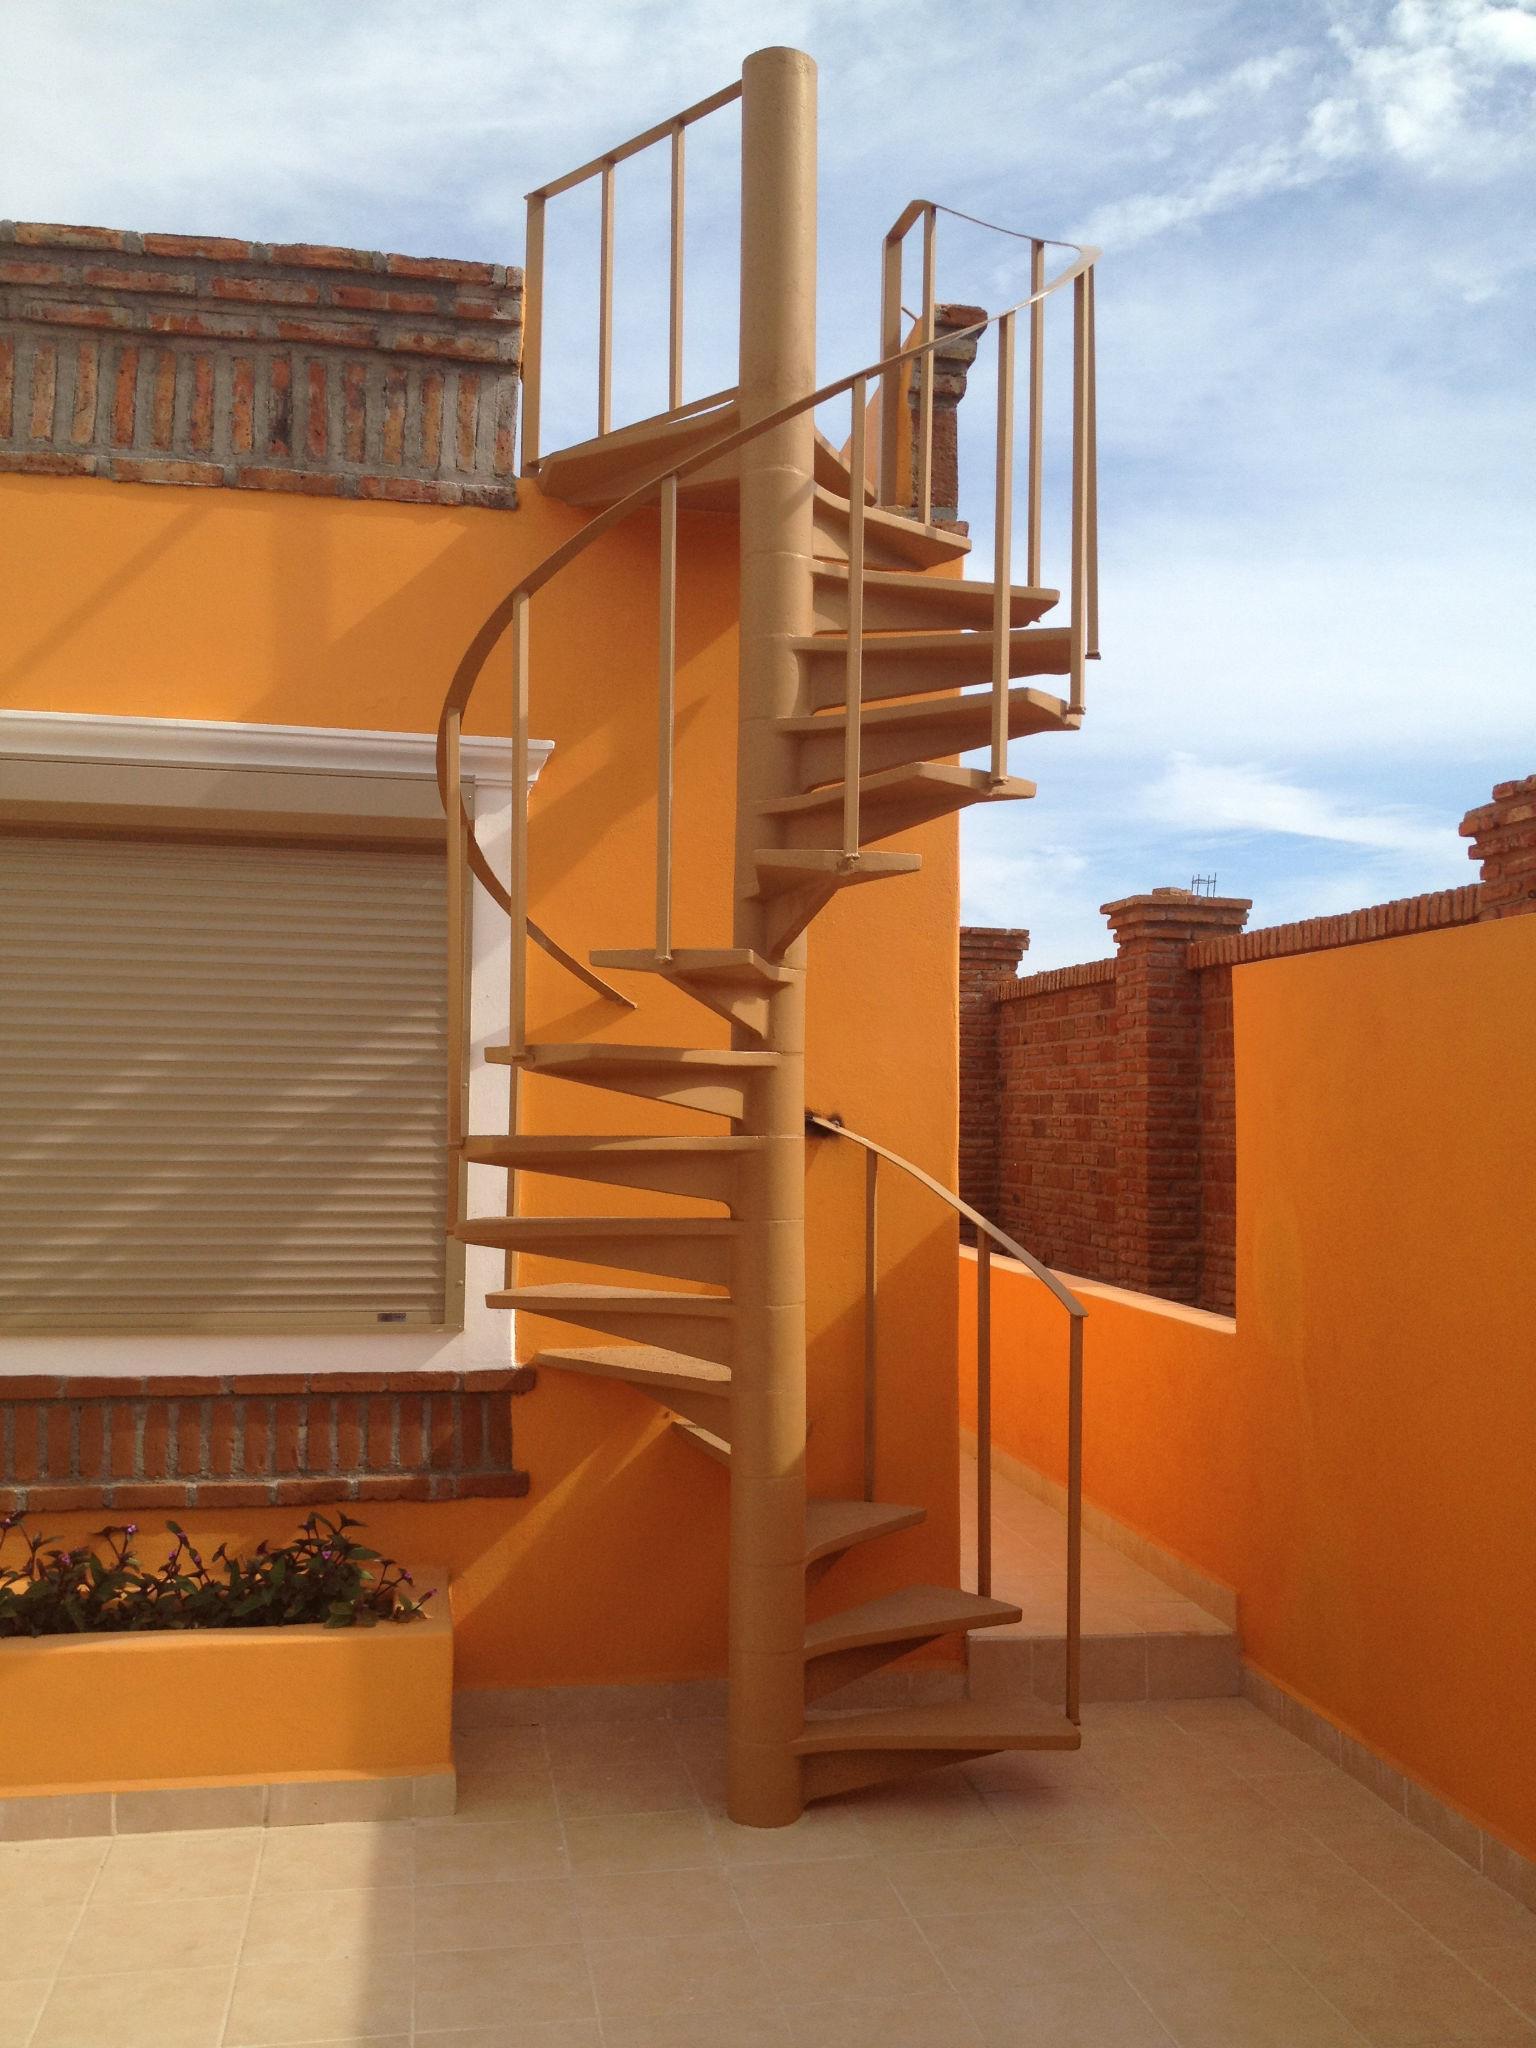 Escaleras tipo caracol - Escaleras de caracol economicas ...